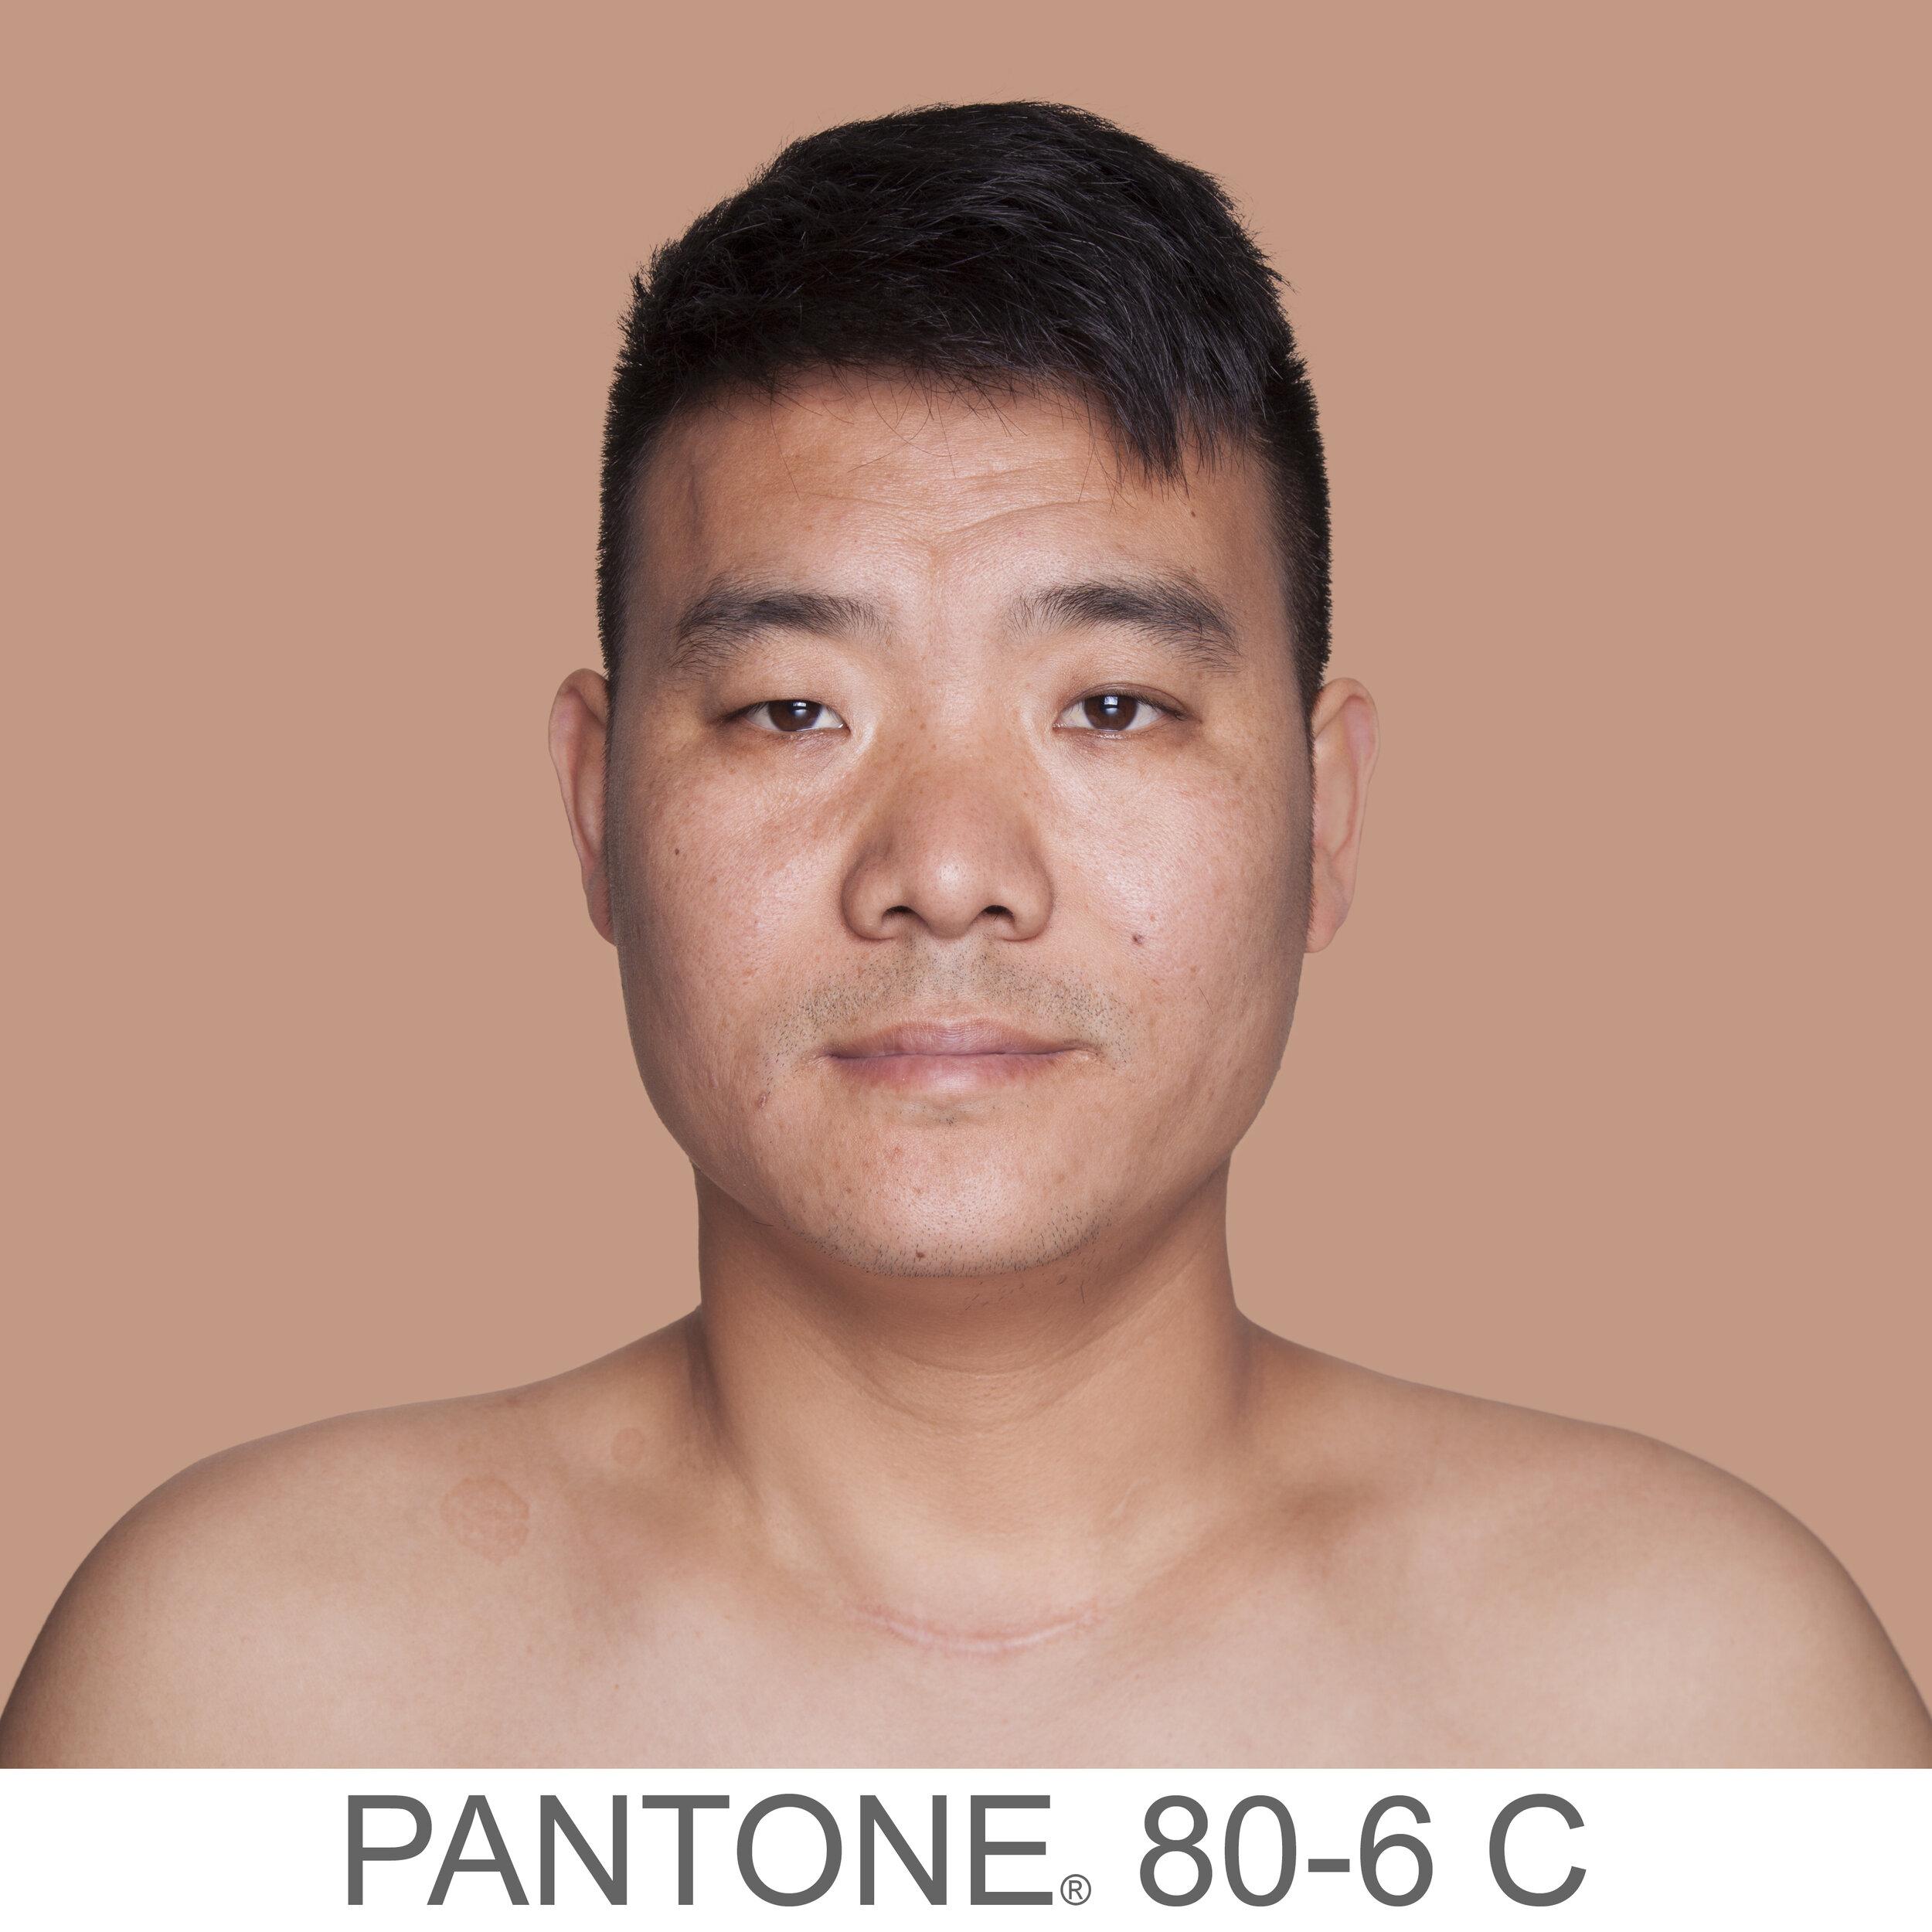 humanae 80-6 C1 CN copia.jpg